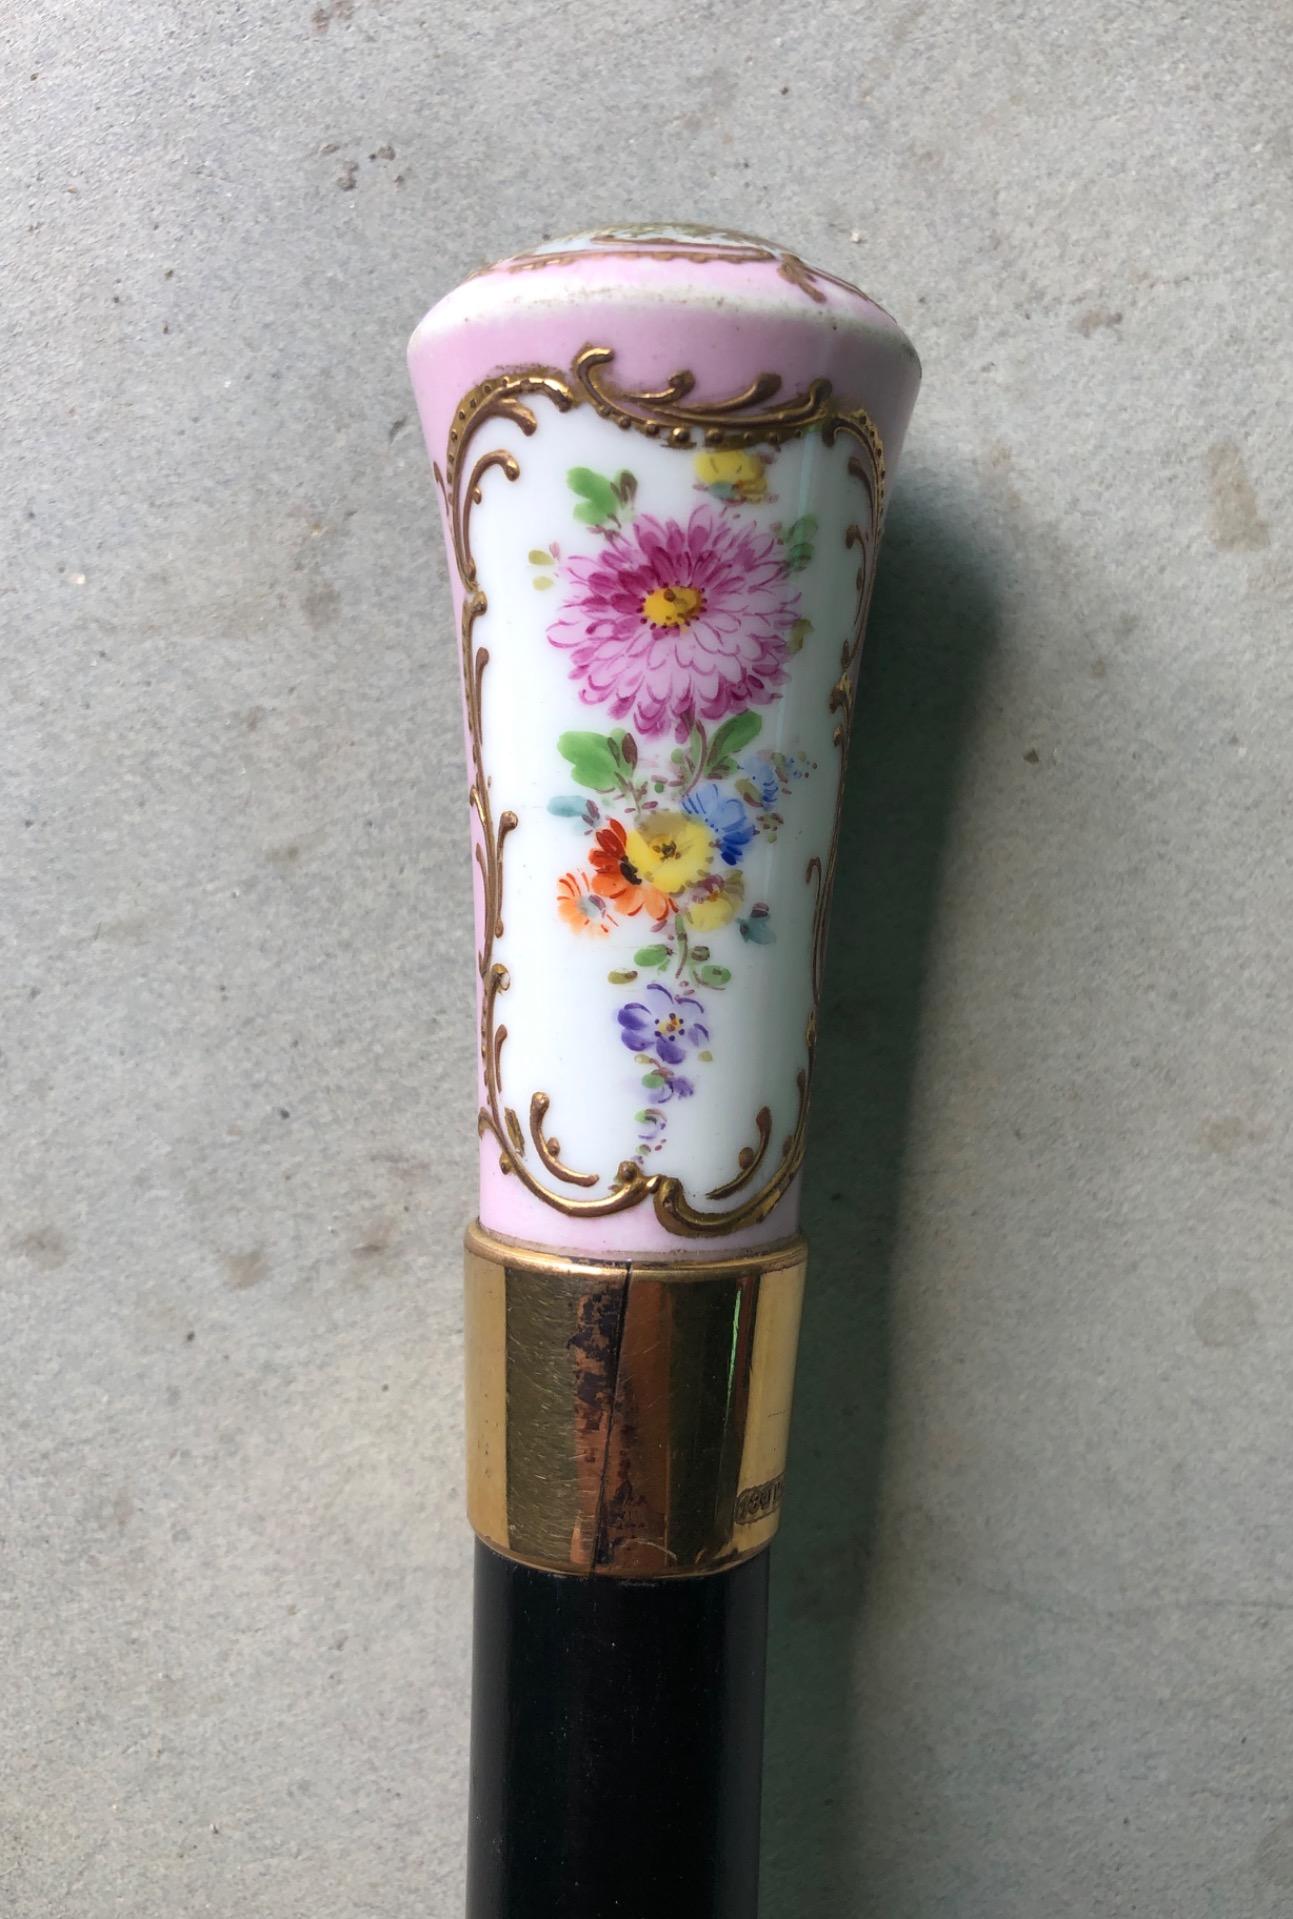 thumb3|Bastone con pomolo in porcellana a decoro floreale e scena galante.Canna in ebano.Francia.